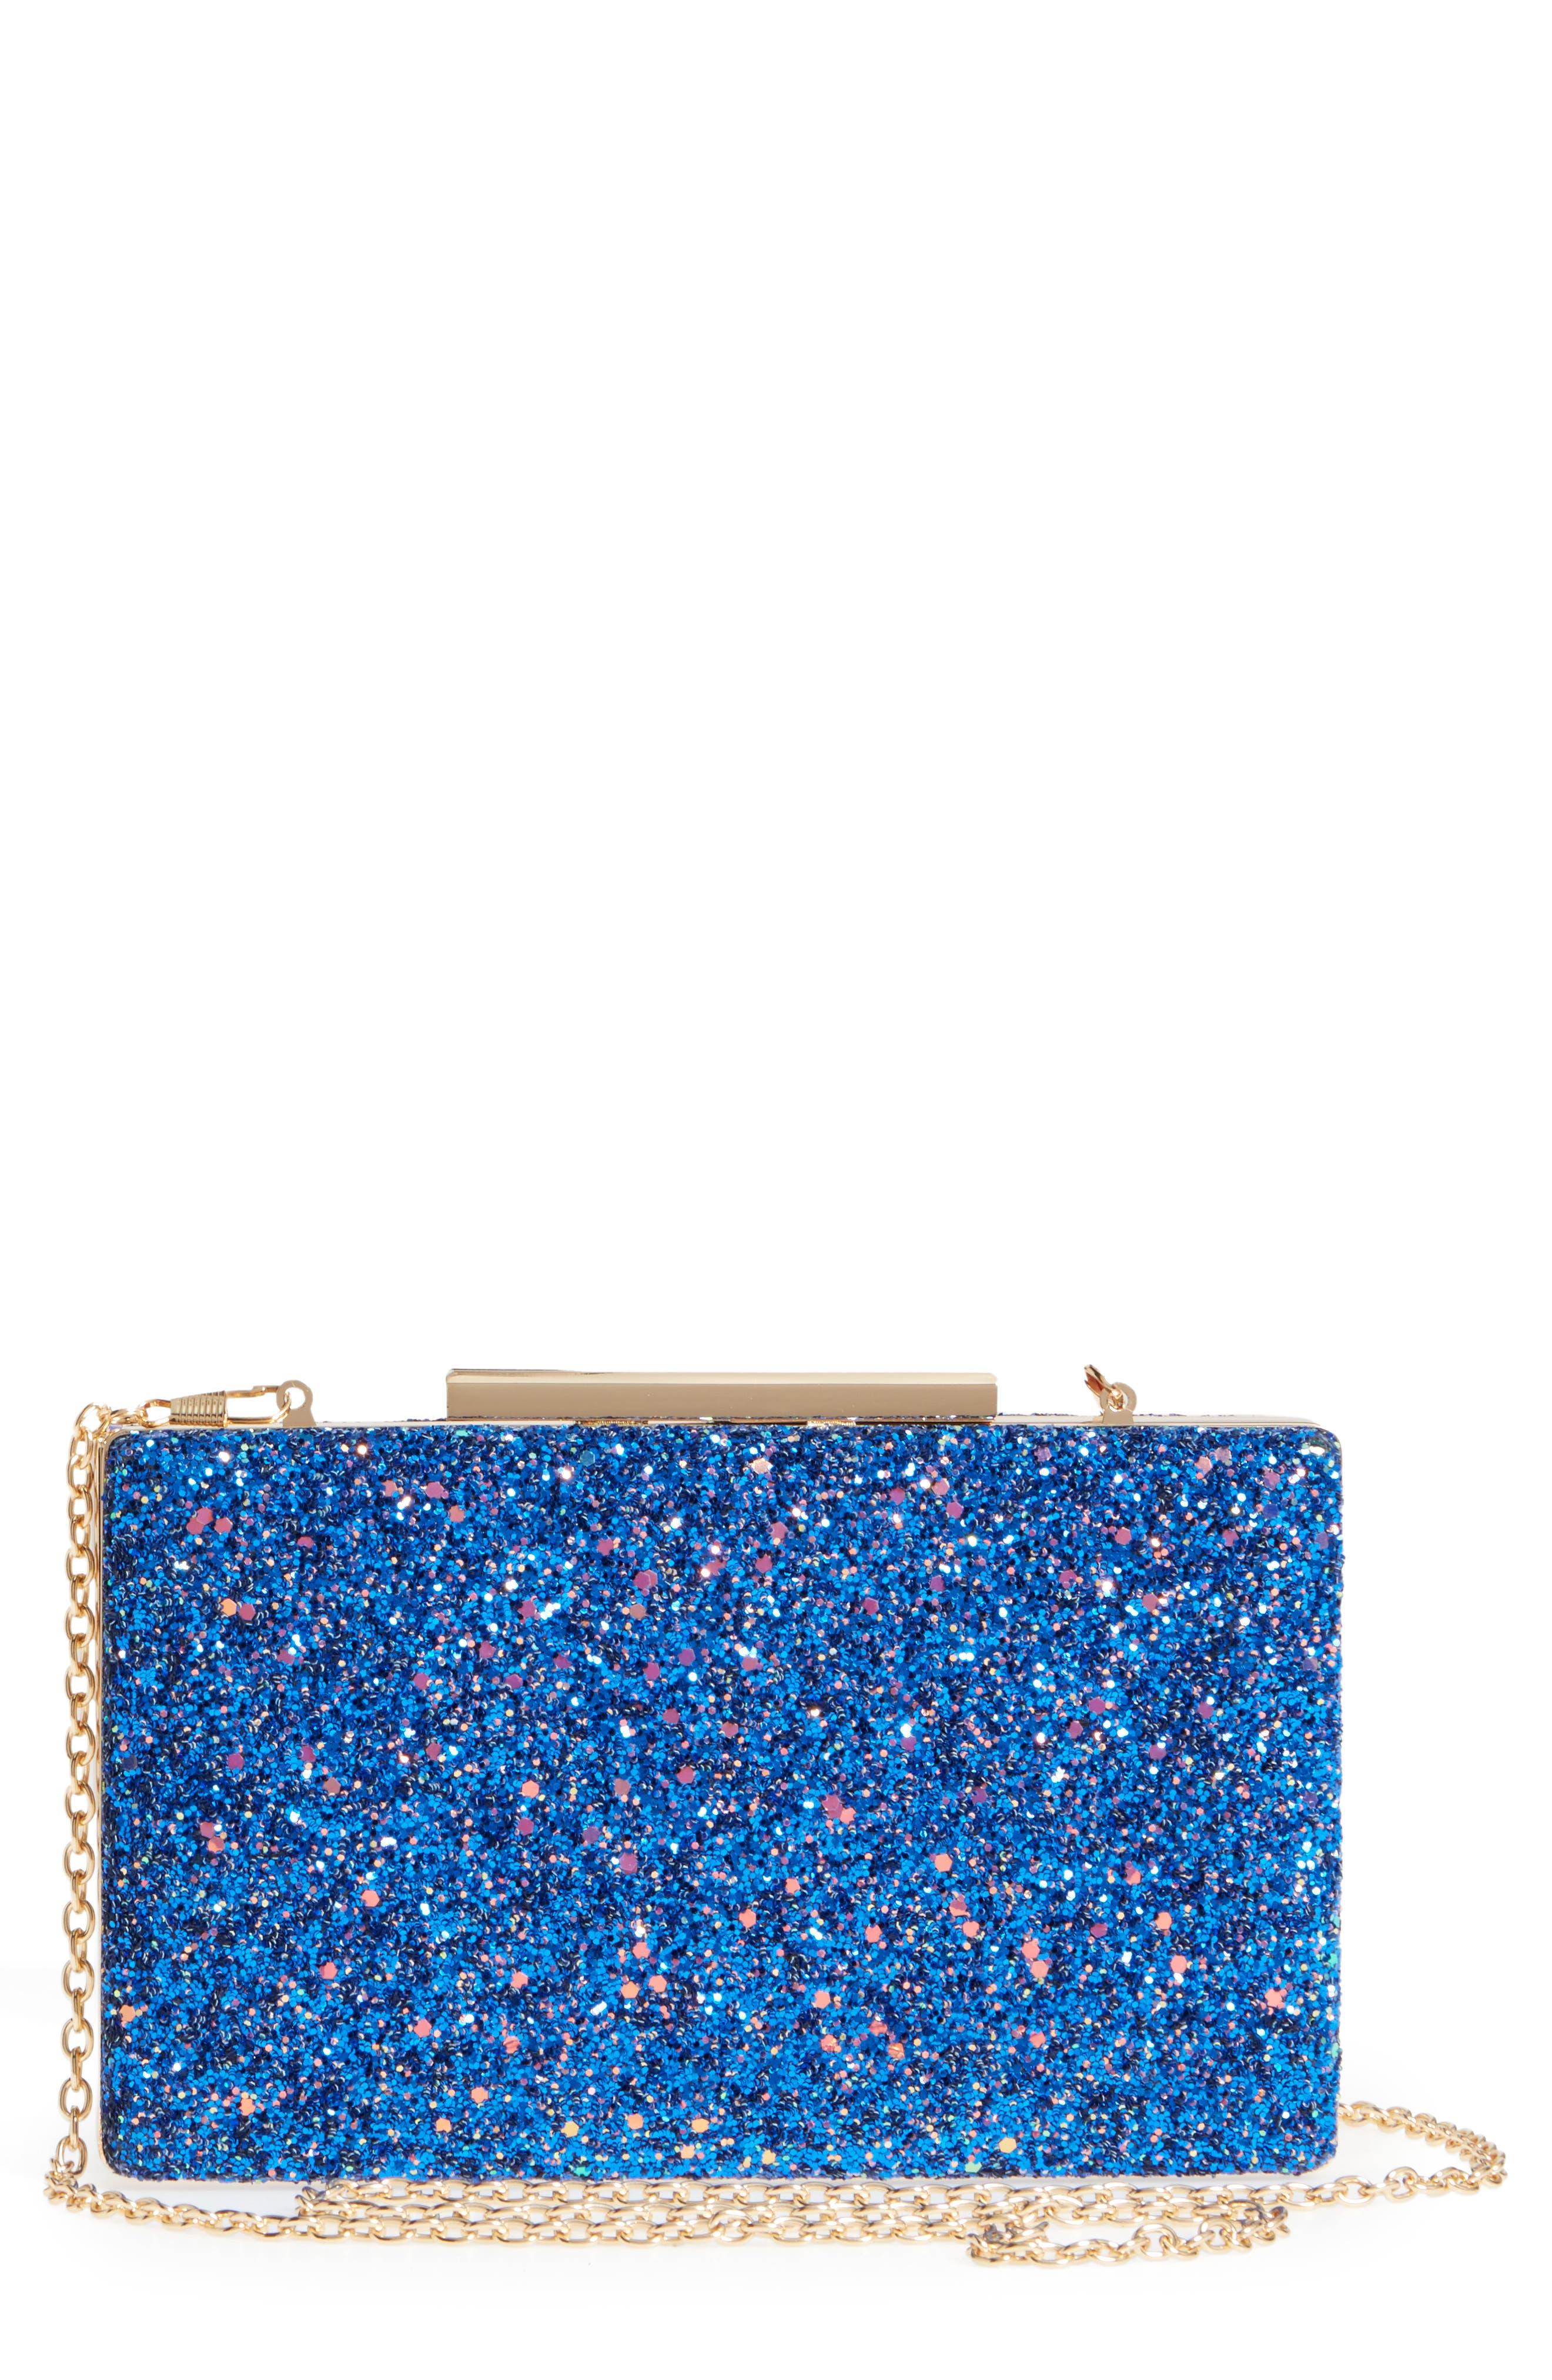 Natasha Couture Glitter Clutch